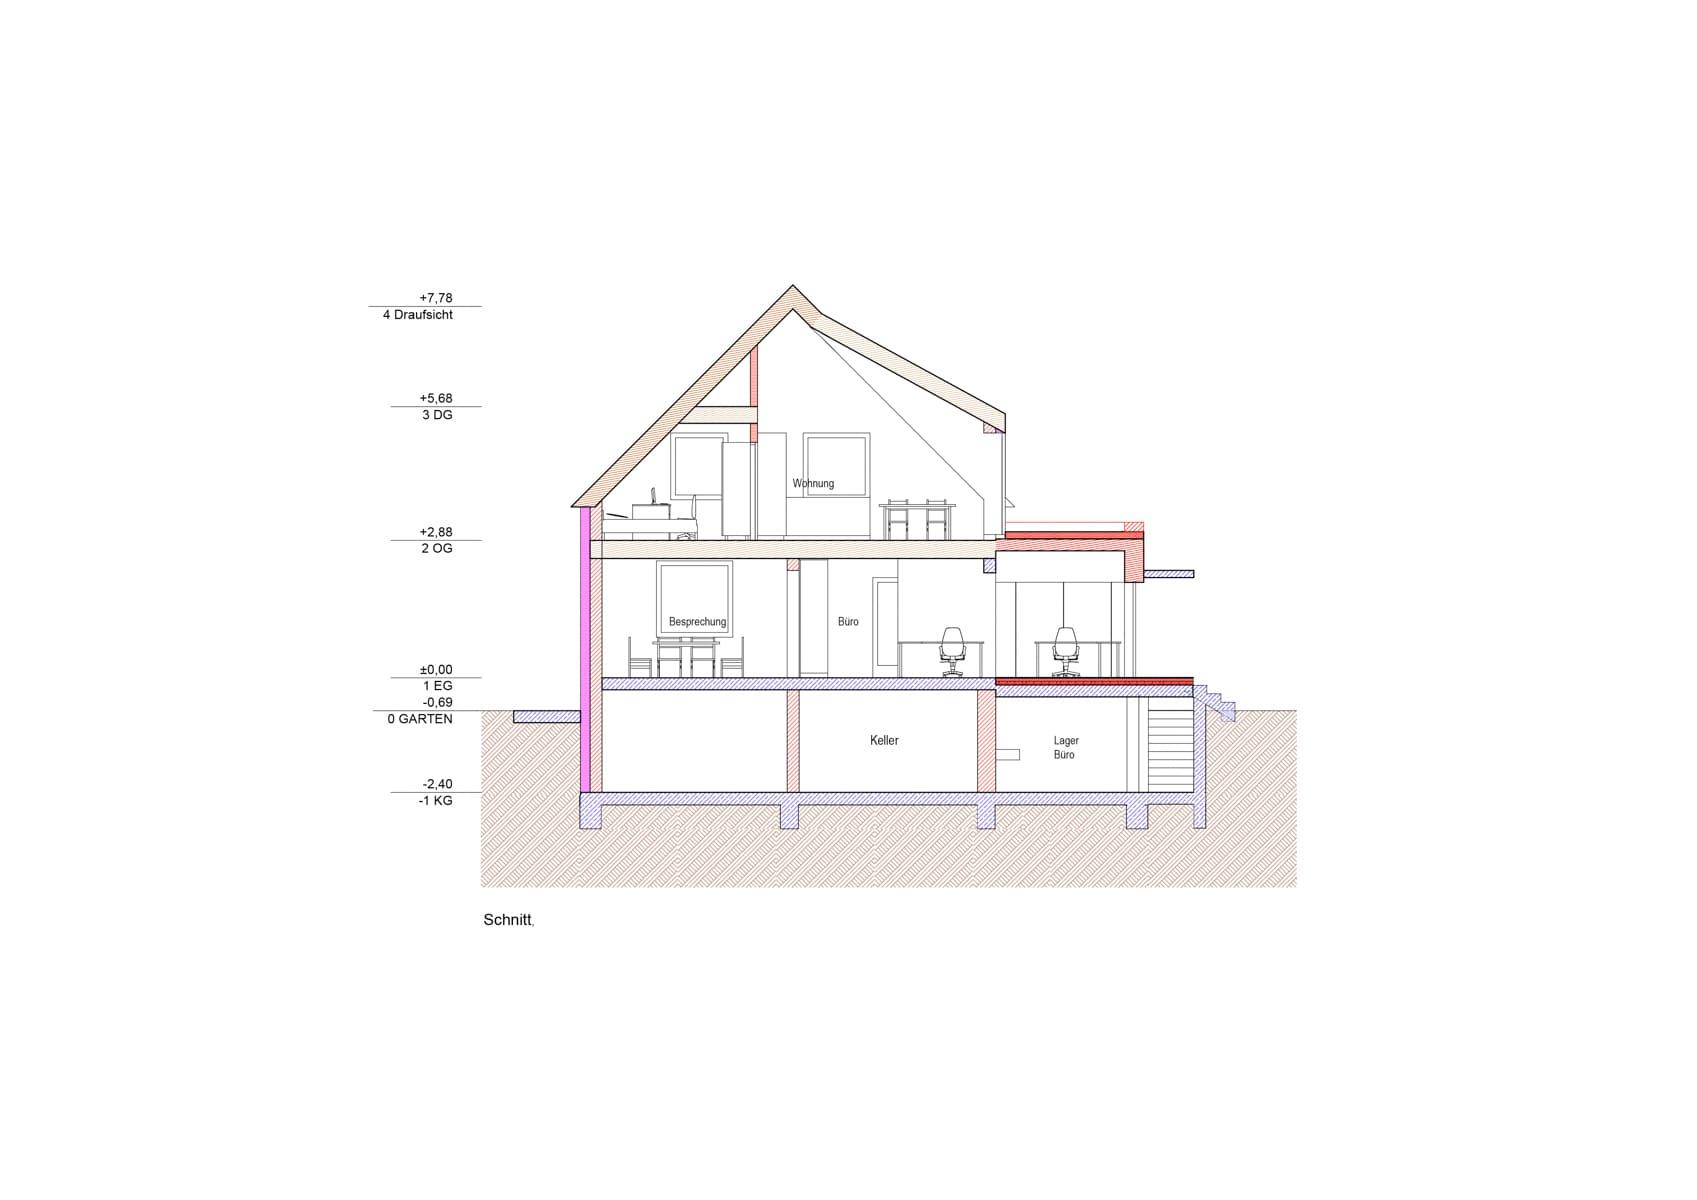 schnitt, Umbau in Pasching; architektur; pasching; zubau; büroerweiterung; wohnung